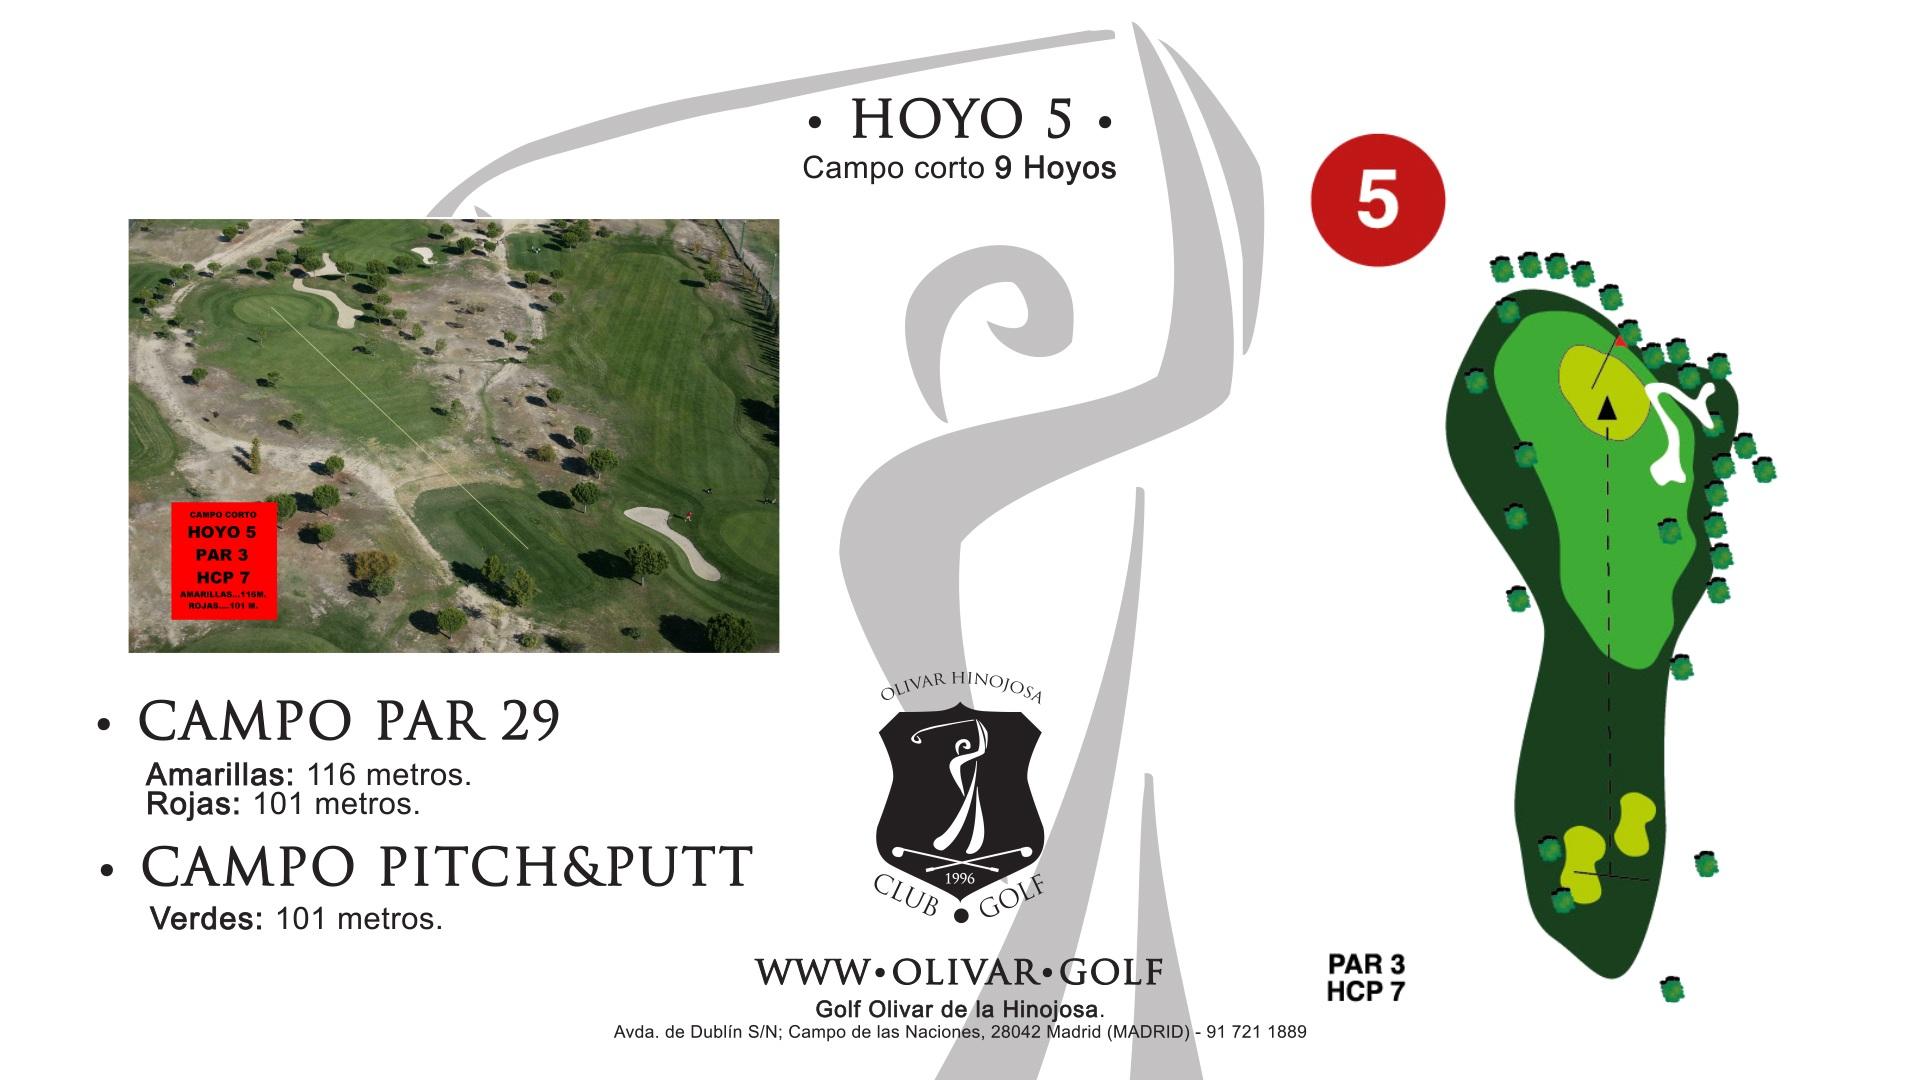 Hoyo 5 Olivar de la Hinojosa